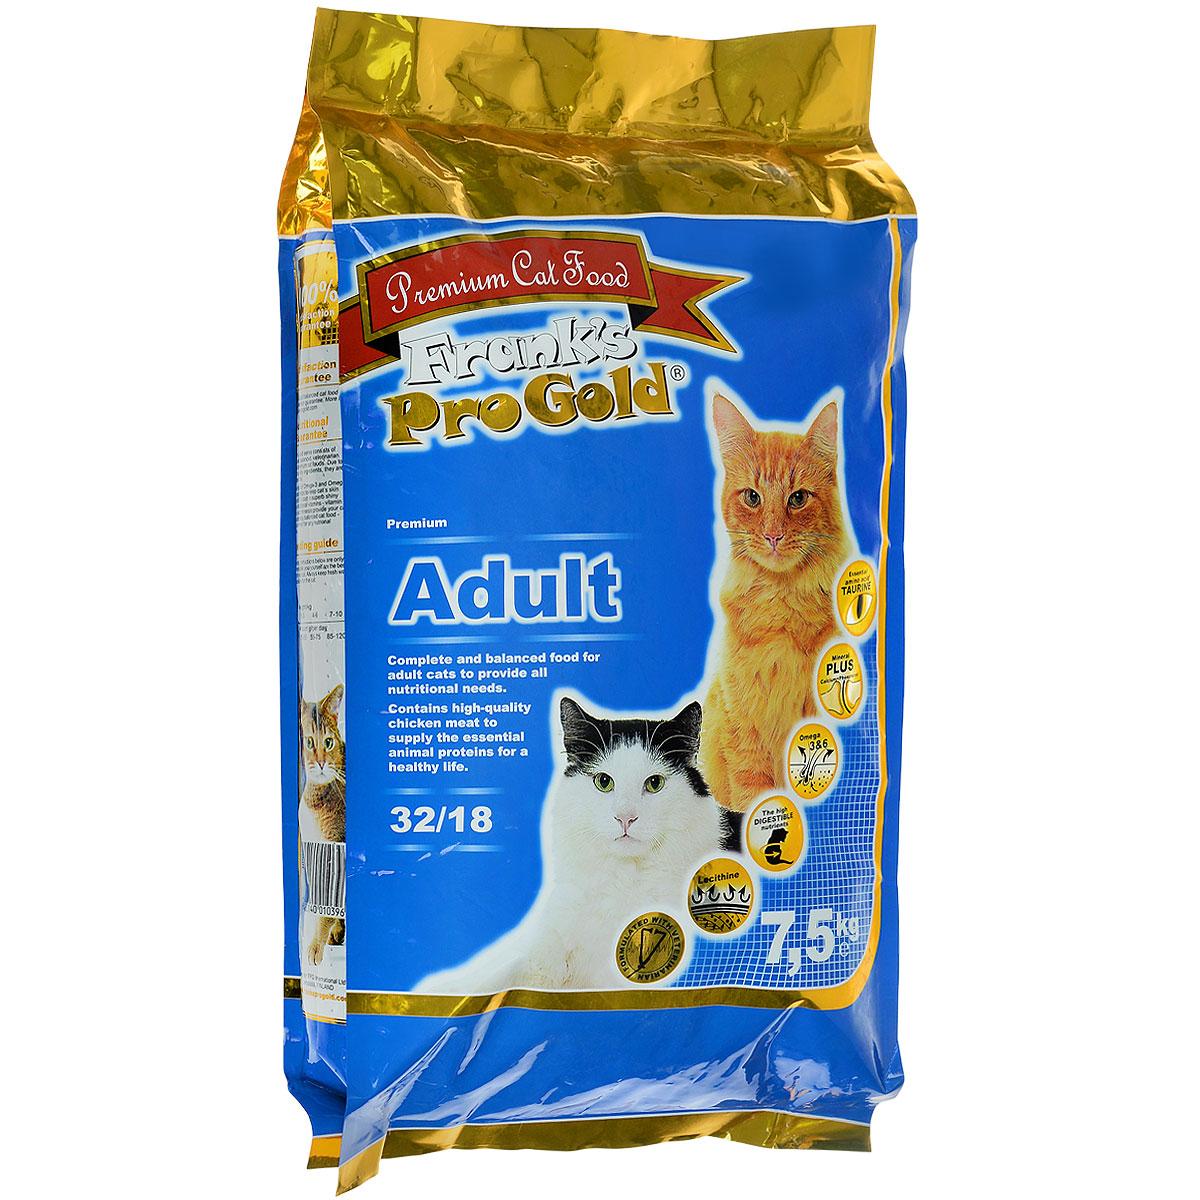 Корм сухой Franks ProGold для взрослых кошек, с курицей, 7,5 кг23292Сухой корм Franks ProGold - это полноценный рацион для взрослых кошек. Он содержит особую разработанную с участием ученых комбинацию ингредиентов для поддержания здоровья вашего питомца в течение продолжительного времени. Не содержит пшеницы, соевых добавок, ГМО. Состав: дегидрированное мясо курицы, рис, куриный жир, дегидрированная рыба, ячмень, гидролизованная куриная печень, кукурузная мука, свекла, дрожжи, яичный порошок, рыбий жир, минералы и витамины, гидролизованные хрящи (источник хондроитина), гидролизованные рачки (источник глюкозамина), лецитин (минимум 0,5%), инулин (минимум 0,5% FOS), таурин. Пищевая ценность: белки 32,0%, жиры 18,0%, клетчатка 2,0%, зола 6,0%, влажность 8,0%, фосфор 0,9%, кальций 1,4%. Добавки: витамин-A (E672) 20000 IU/кг, витамин-D3 (E671) 2000 IU/кг, витамин-E (dl-альфа токоферола ацетат) 400 мг/кг, витамин-C (фосфат аскорбиновой кислоты) 250 мг/кг, таурин 1000 мг/кг, E1 75 мг/кг, E2 1,5 мг/кг, E3 0,5 мг/кг, E4 5 мг/кг, E5...